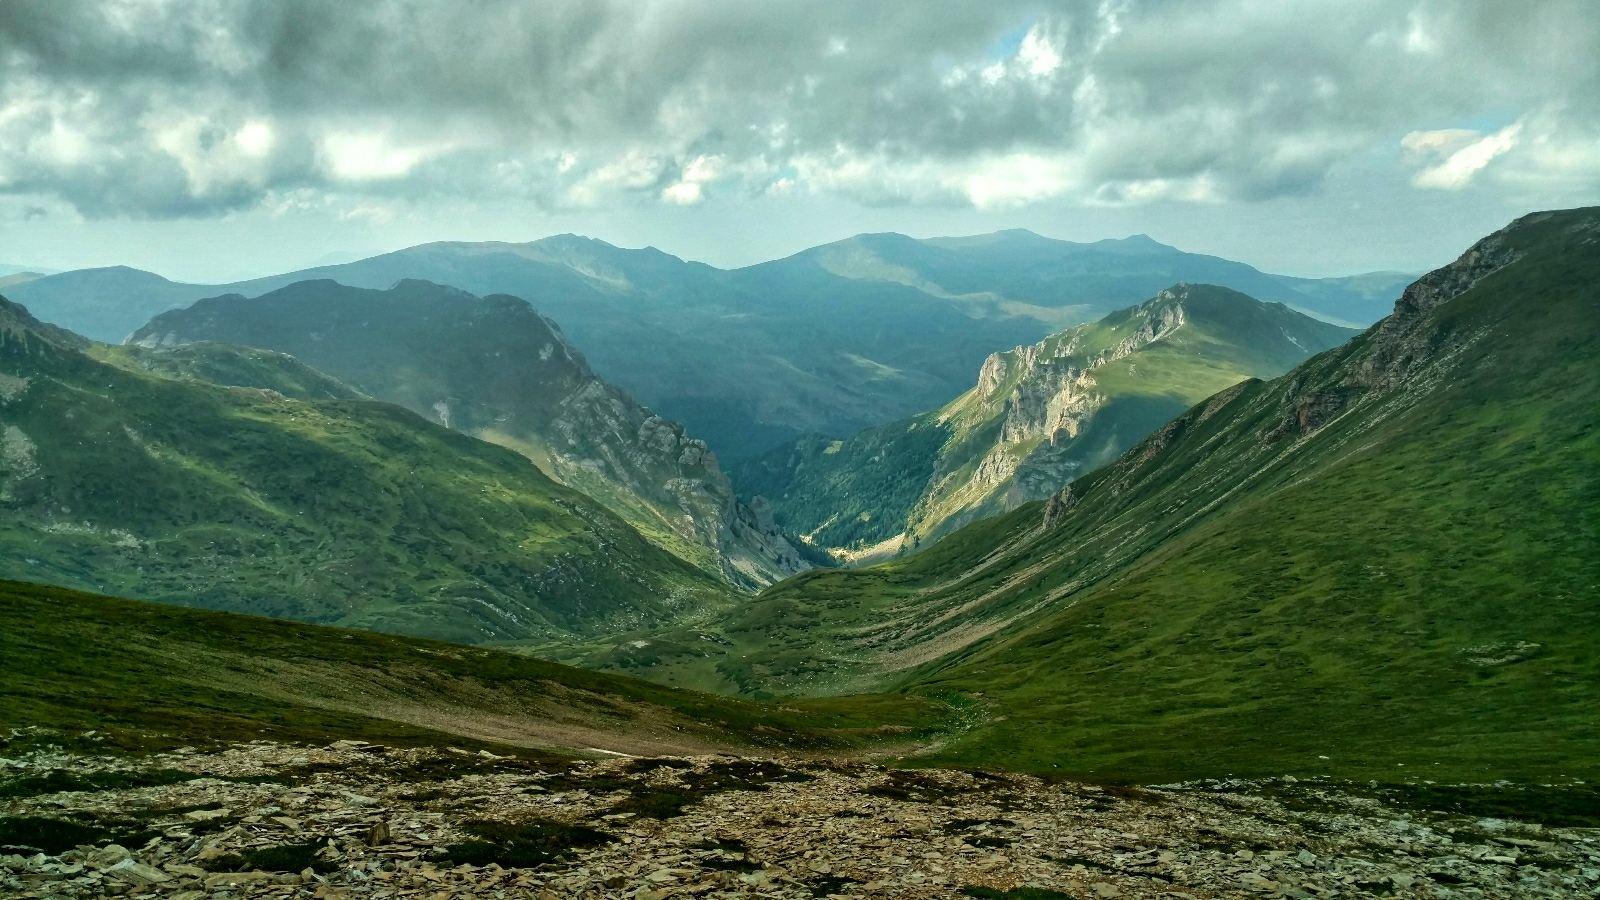 Pauza, Hiking Shar Mountain